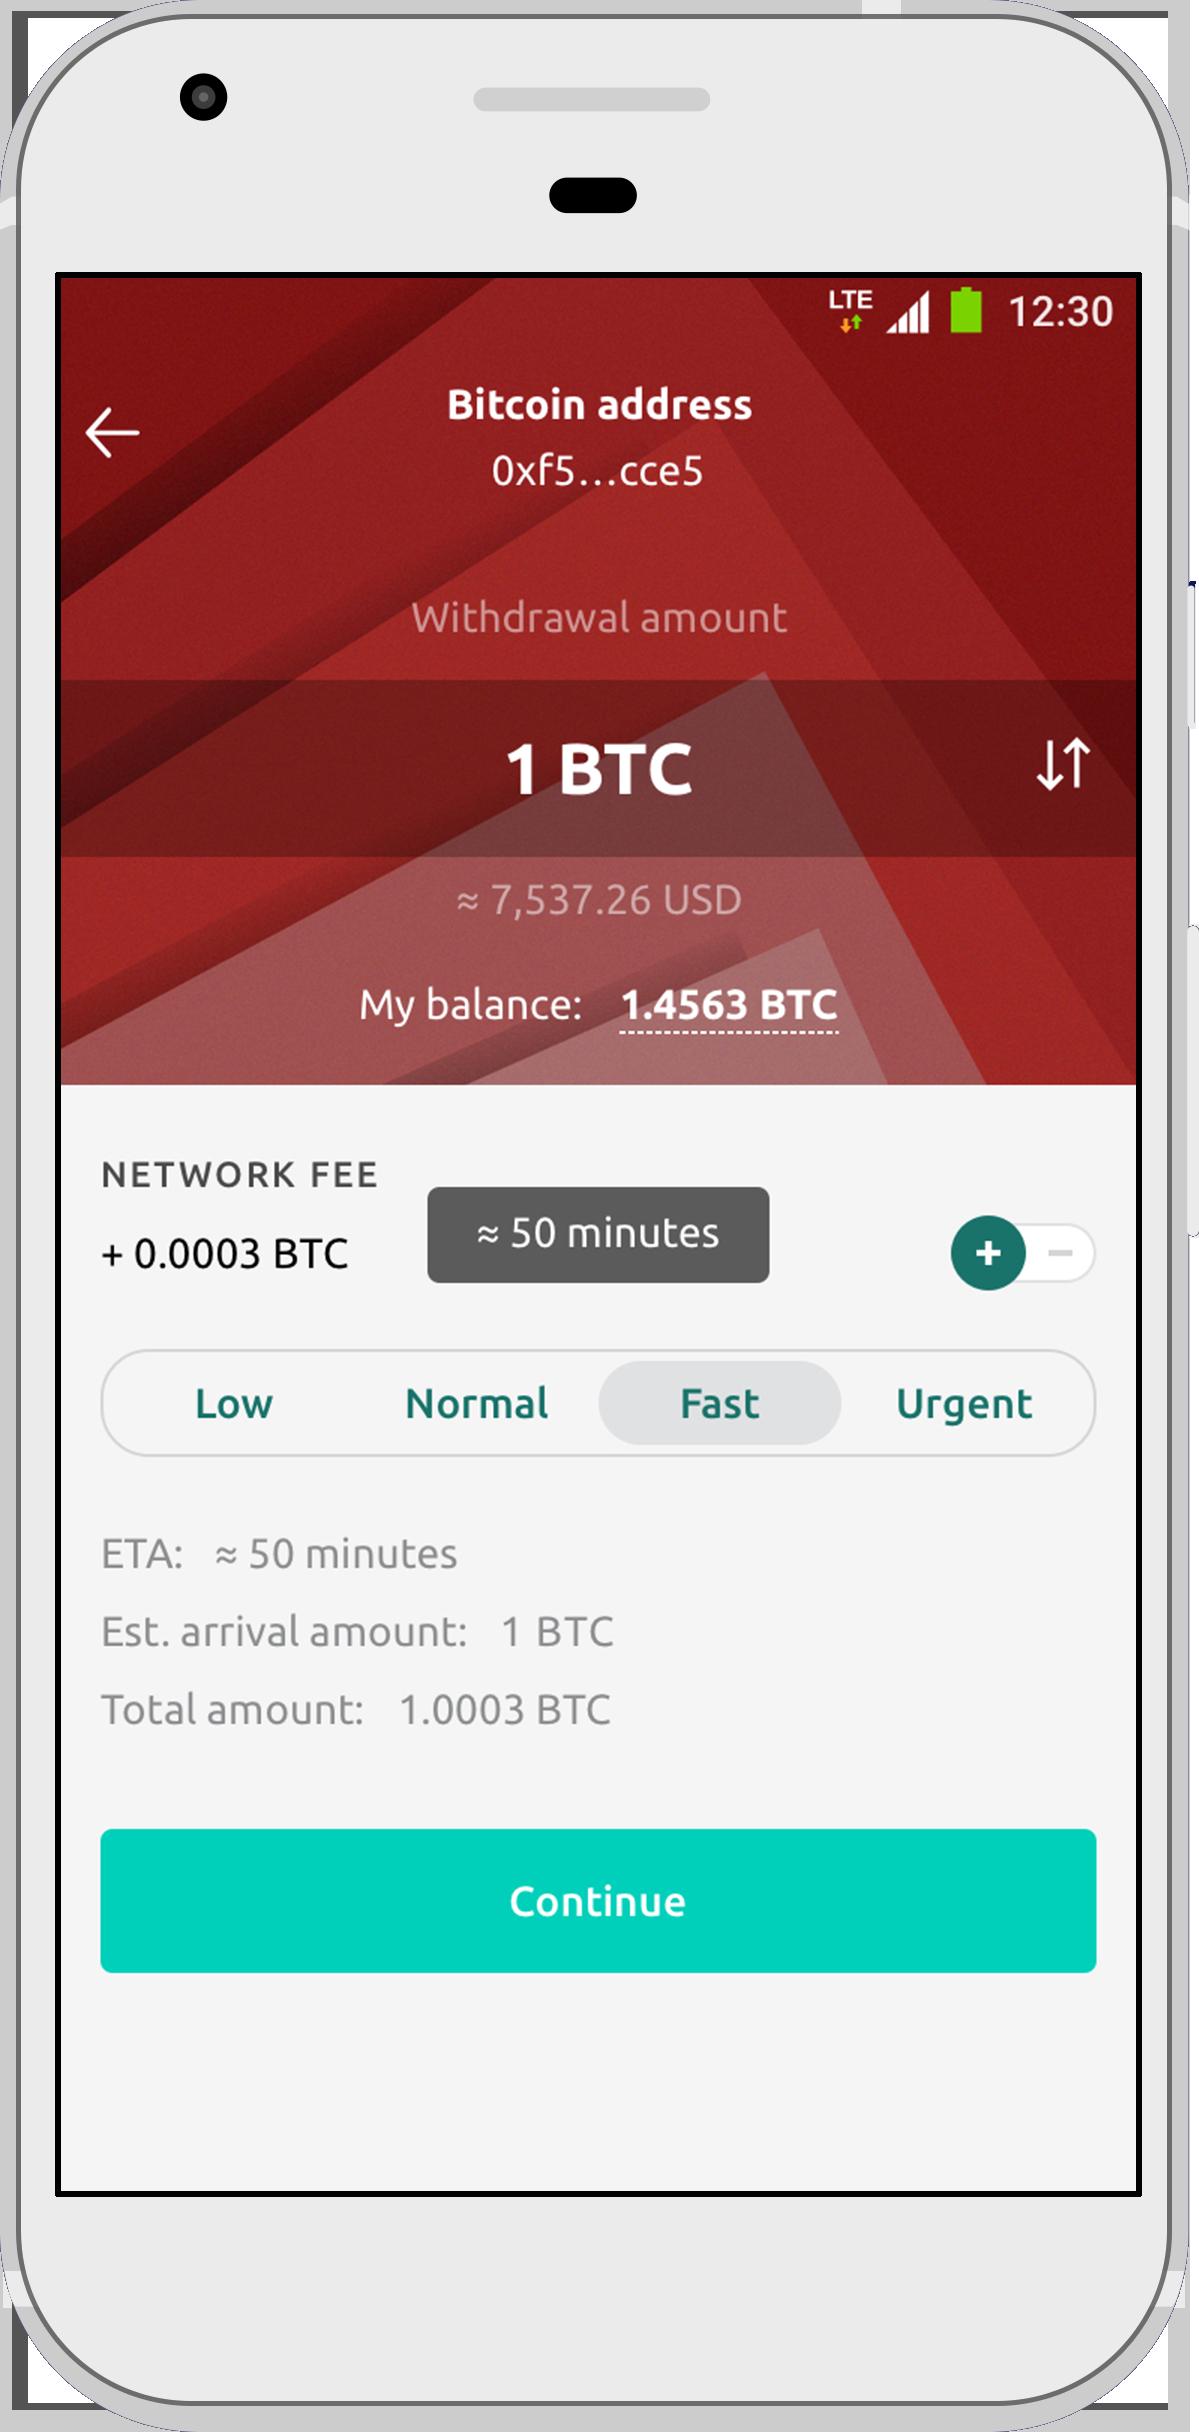 hora de llegada de bitcoin